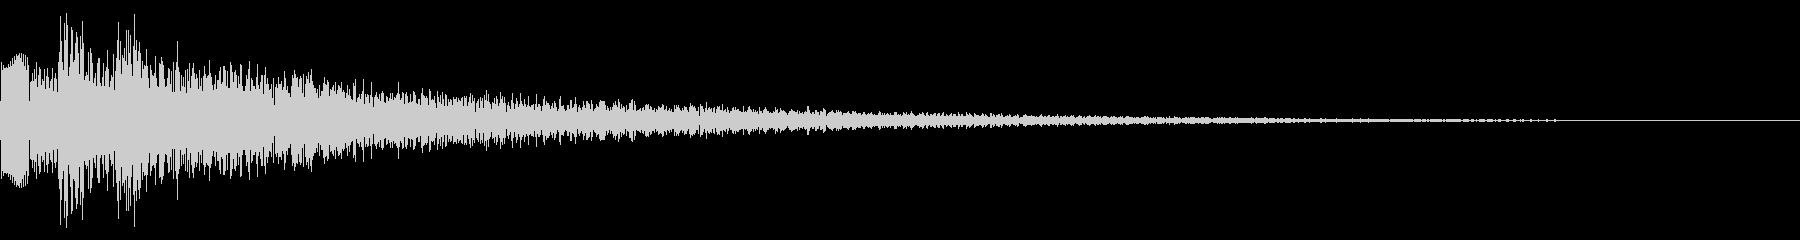 キラキラ/連鎖/コンボ/2回目の未再生の波形